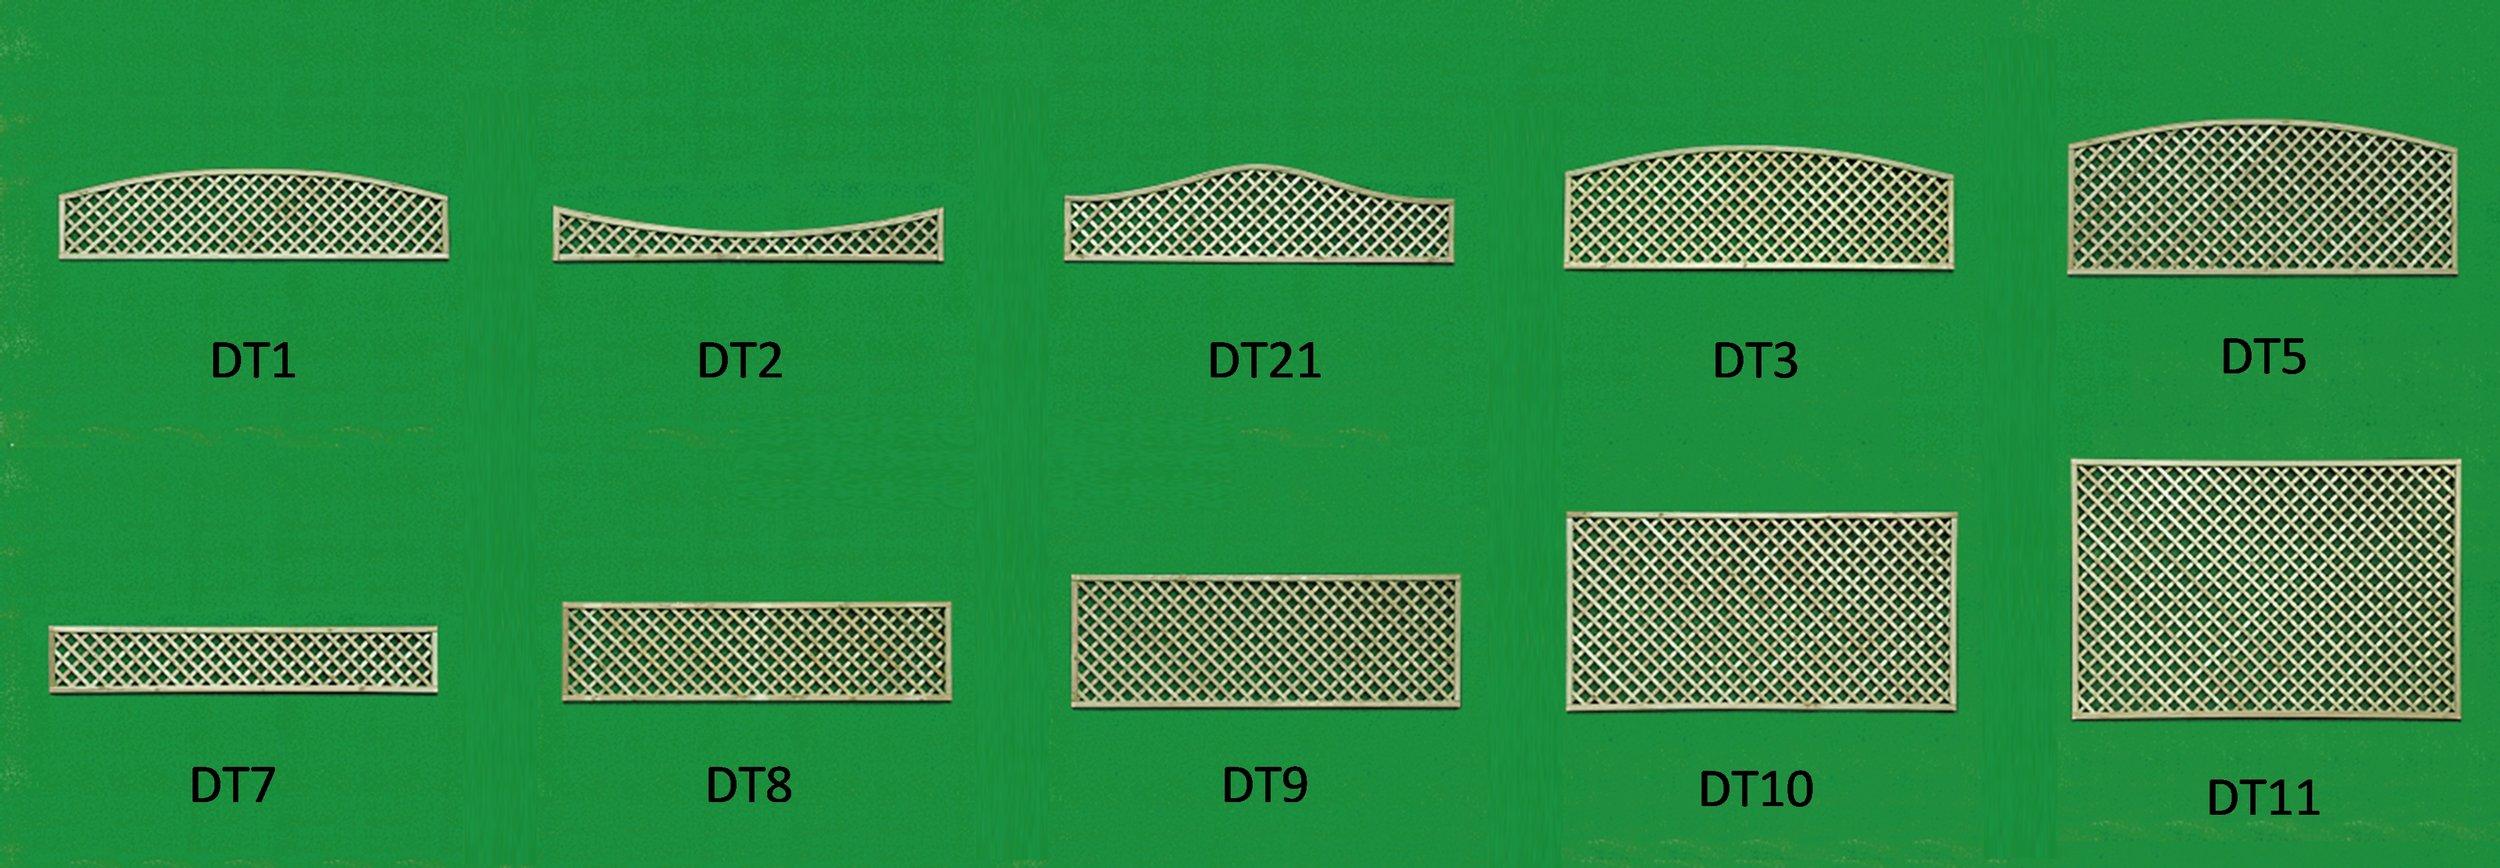 DT Collage.jpg